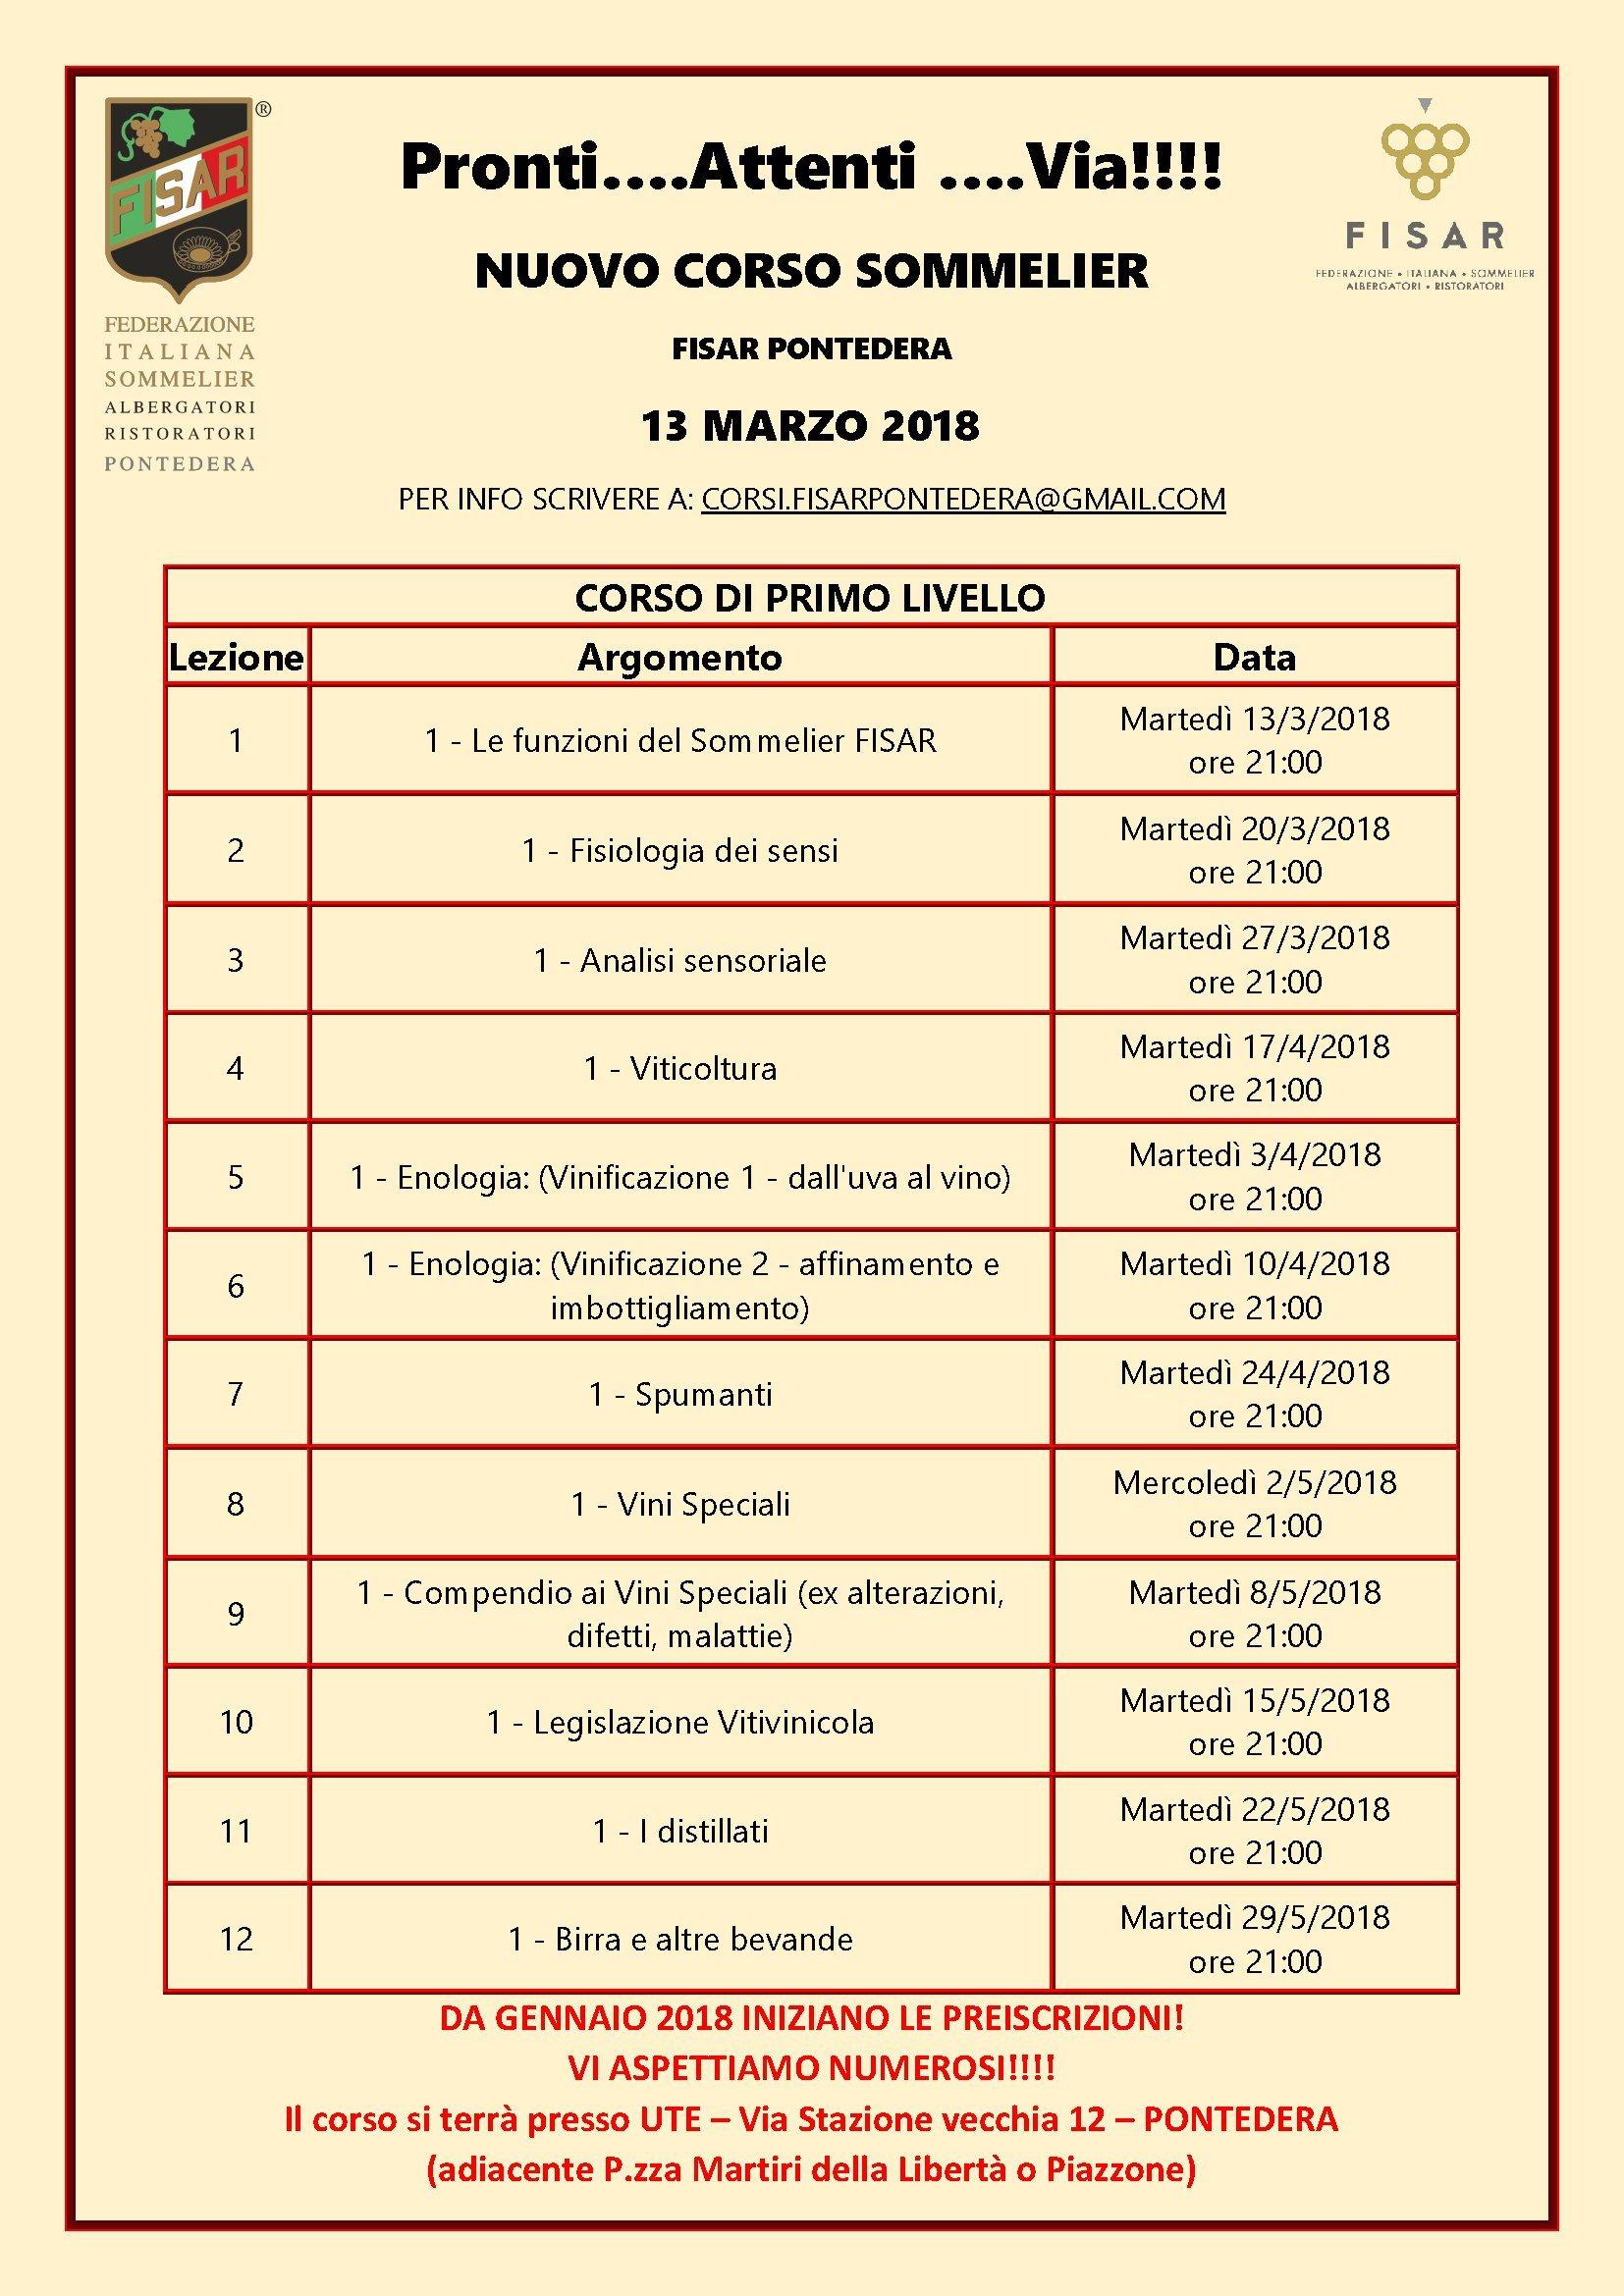 Calendario Imbottigliamento.Al Via Il Nuovo Corso Sommelier Della Delegazione Fisar